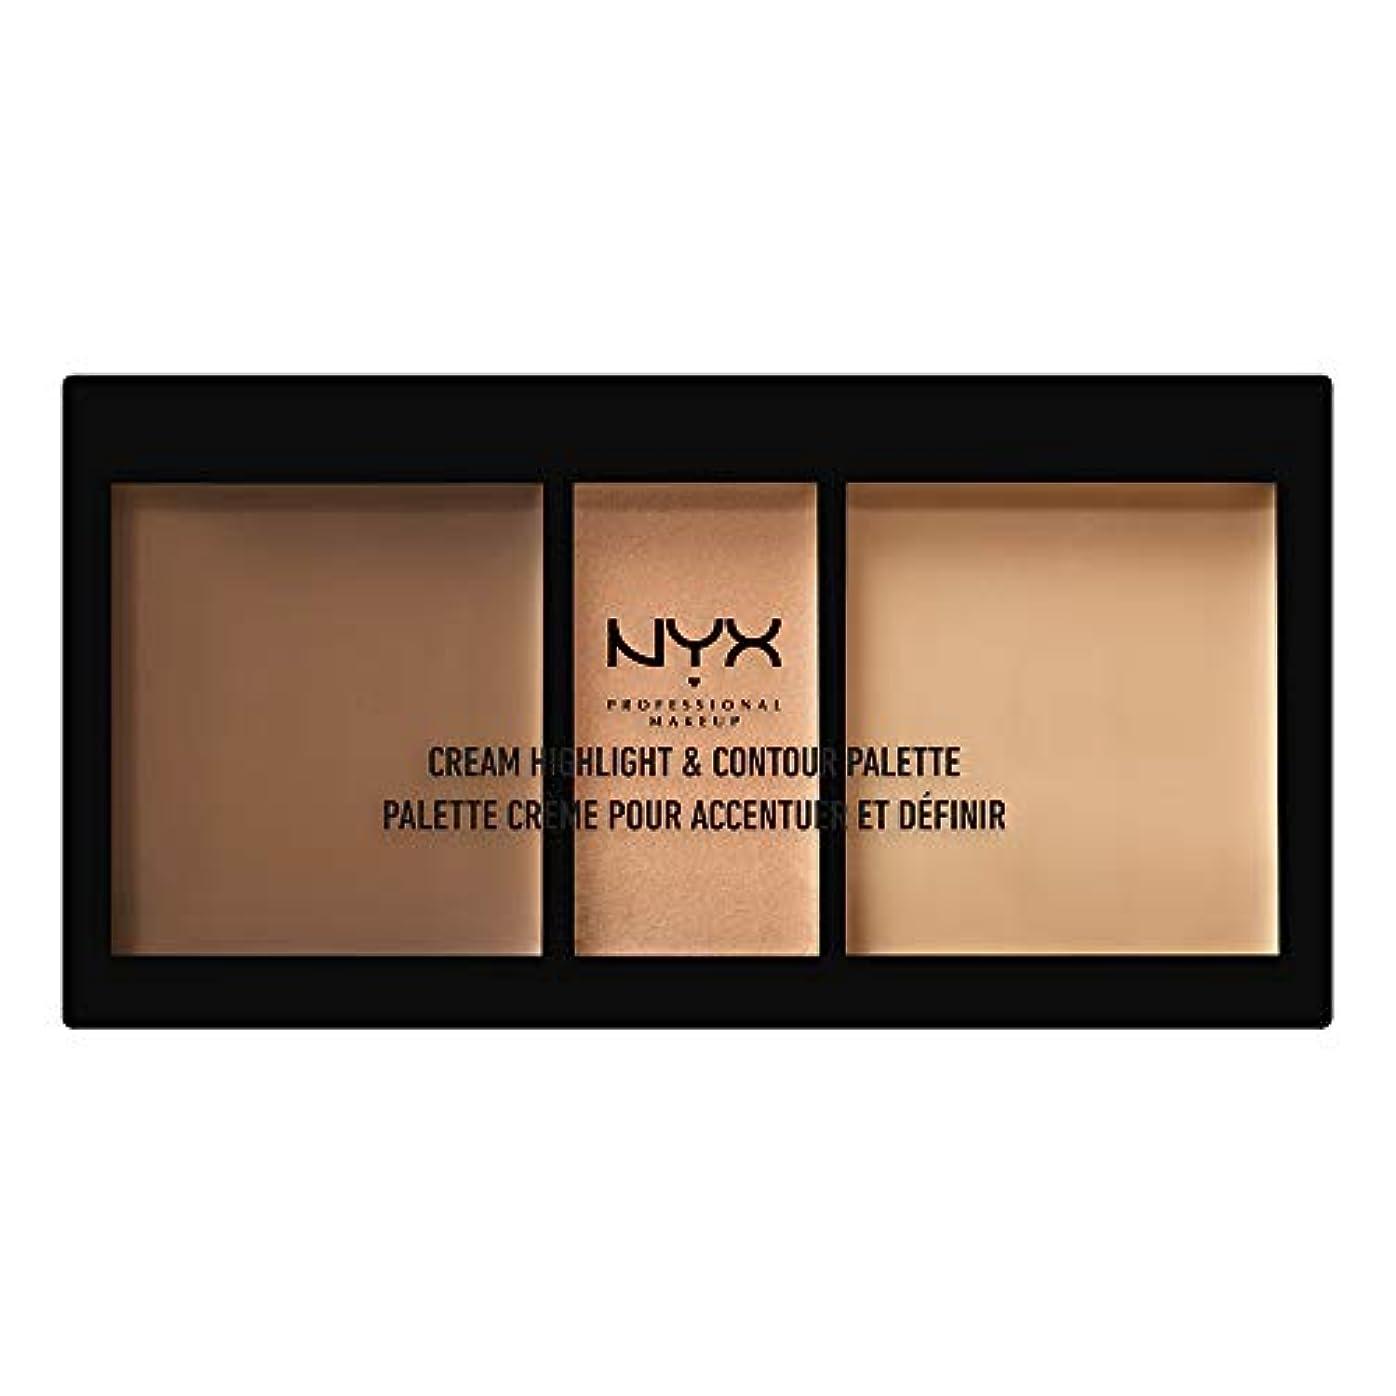 手つかずの入射埋め込むNYX(ニックス) クリーム ハイライト&コントゥアー パレット 02 カラー?ミディアム フェイスパレット